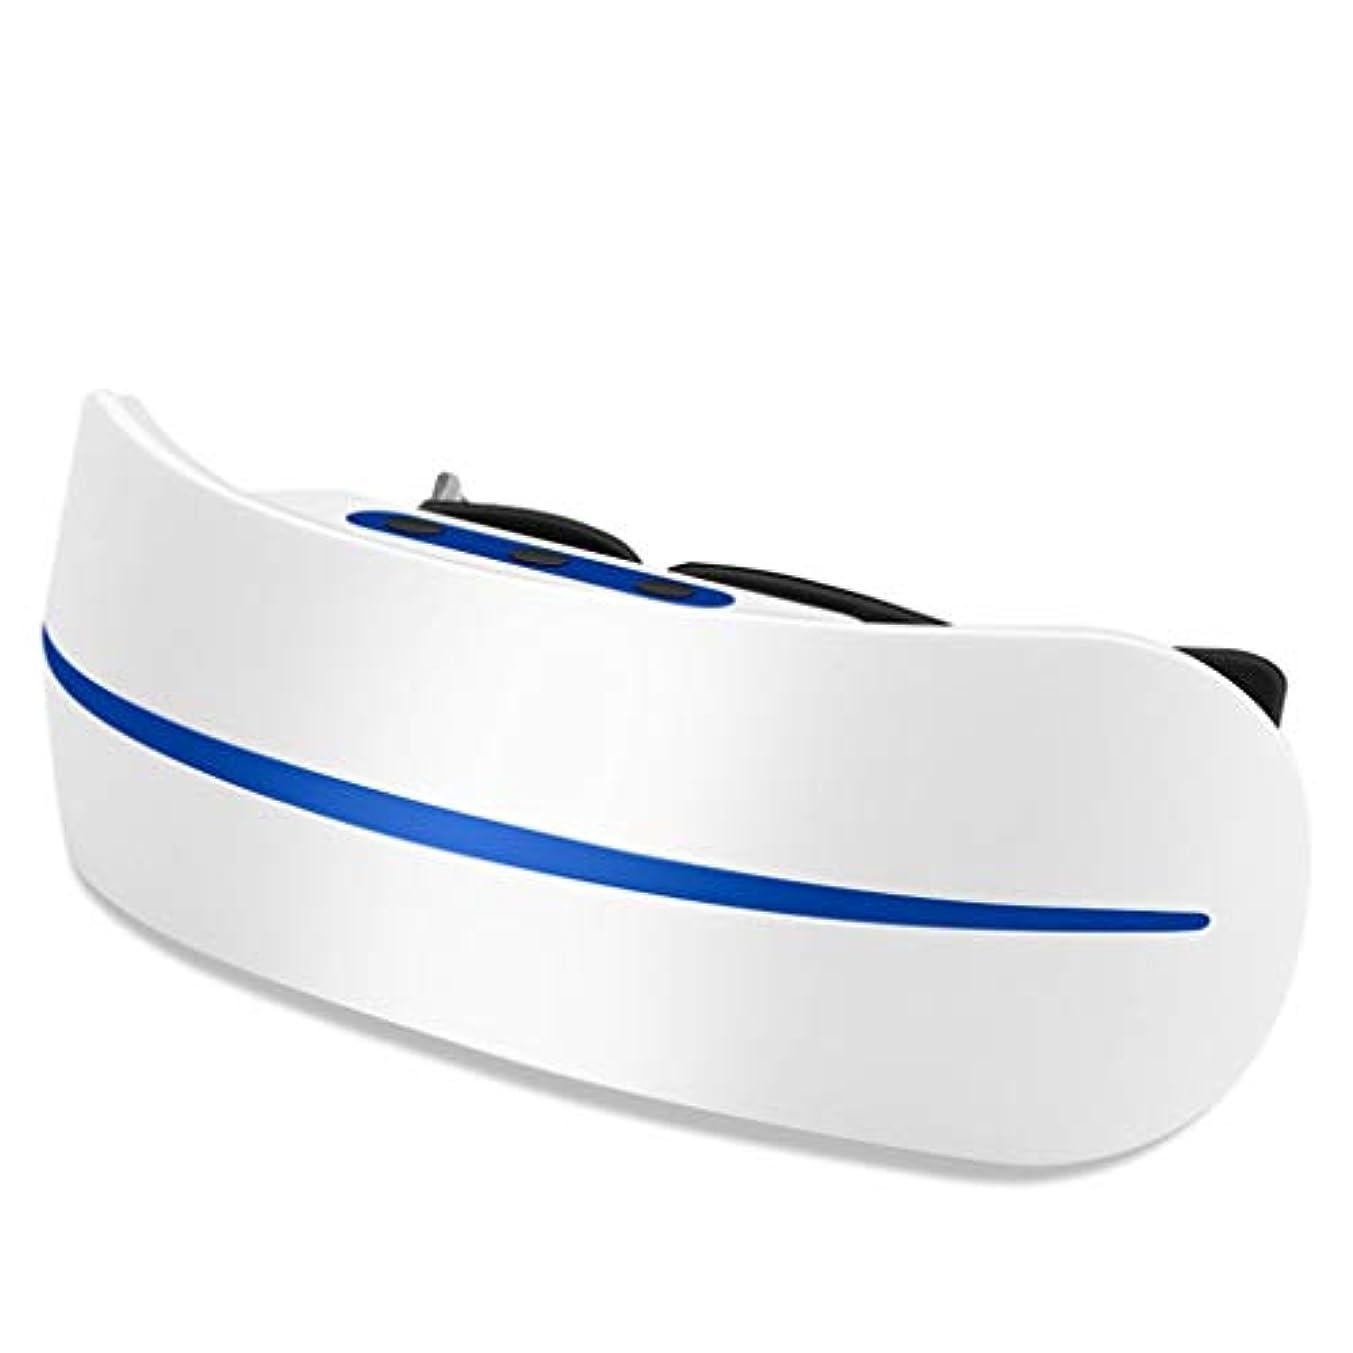 路地説明する伝導率アイマッサージャー視力回復剤アイ近視矯正アイプロテクターアイプロテクション軽減疲労ダークサークルアイマスク